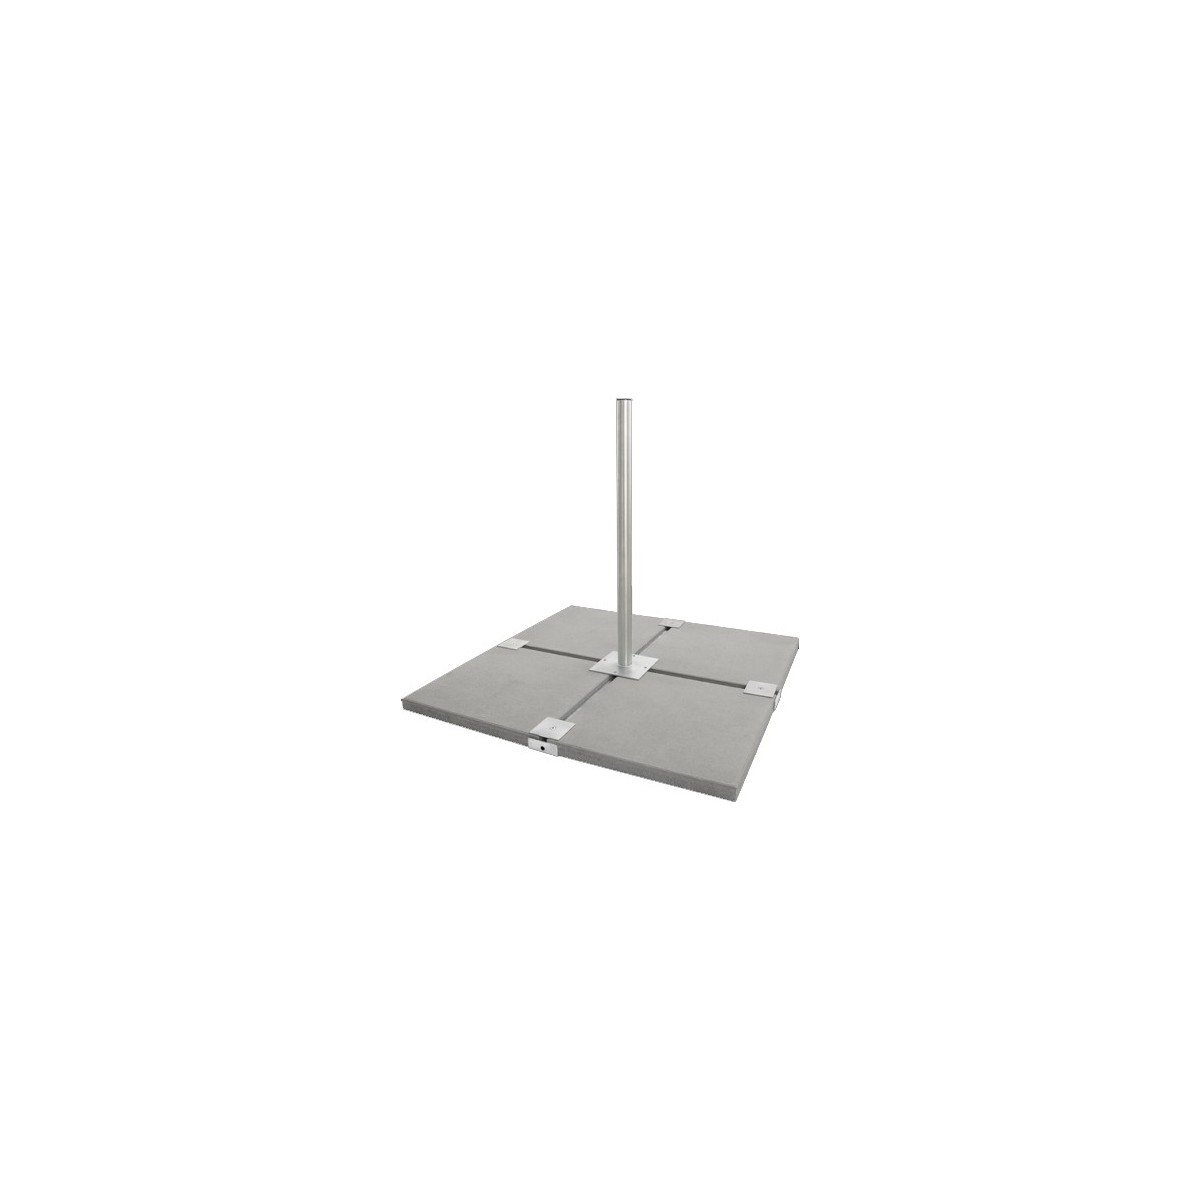 HDSAT Iron 5 Support Balcon/Terrasse pour Parabole Satellite - Haute stabilité